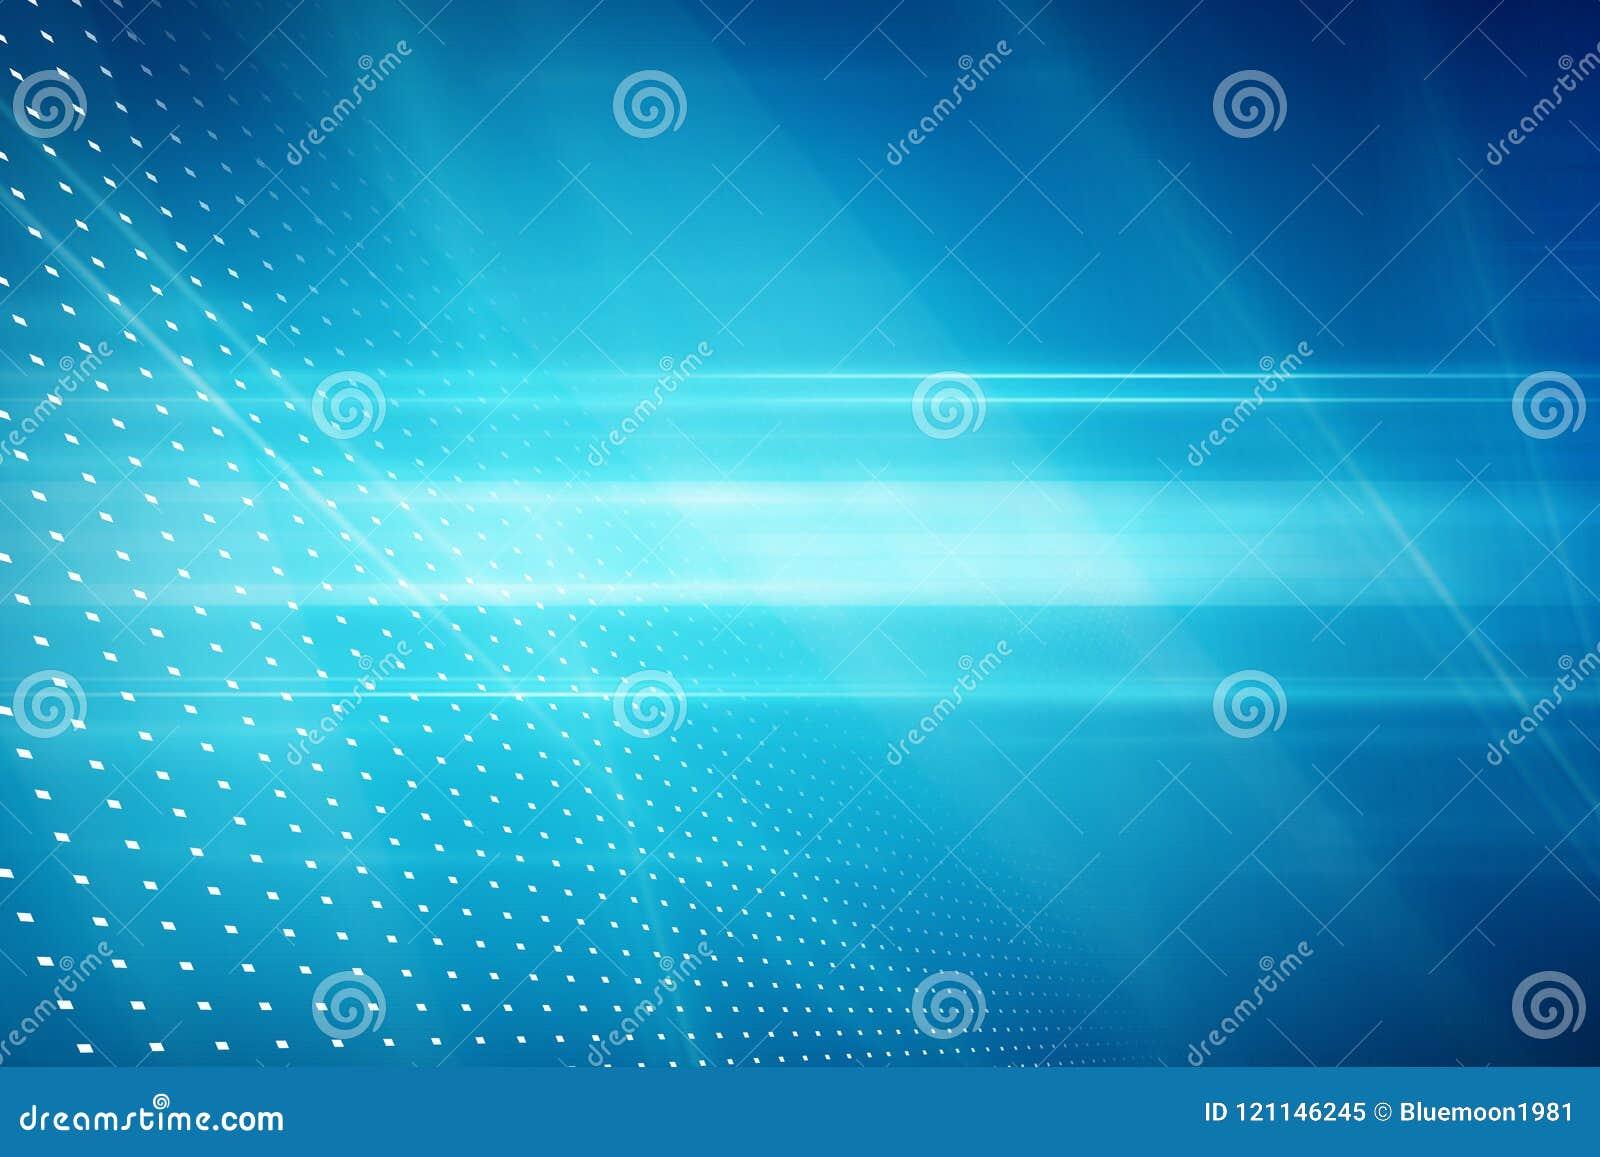 图解抽象技术背景,在蓝色后面的光线